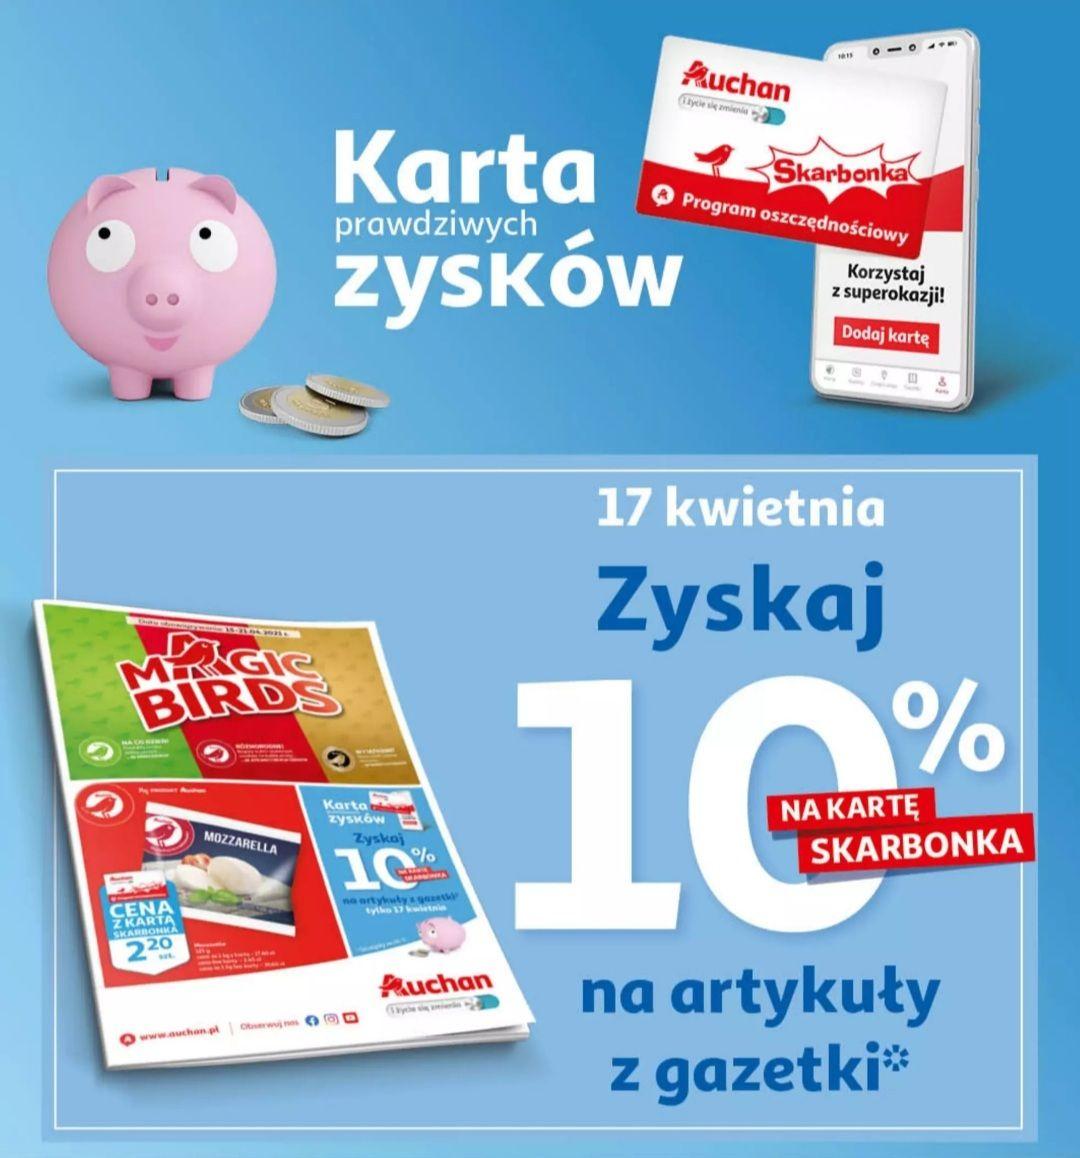 Auchan HIPER, SUPER I MOJE AUCHAN - 10% na kartę Skarbonkę na wszystkie produkty z gazetki!